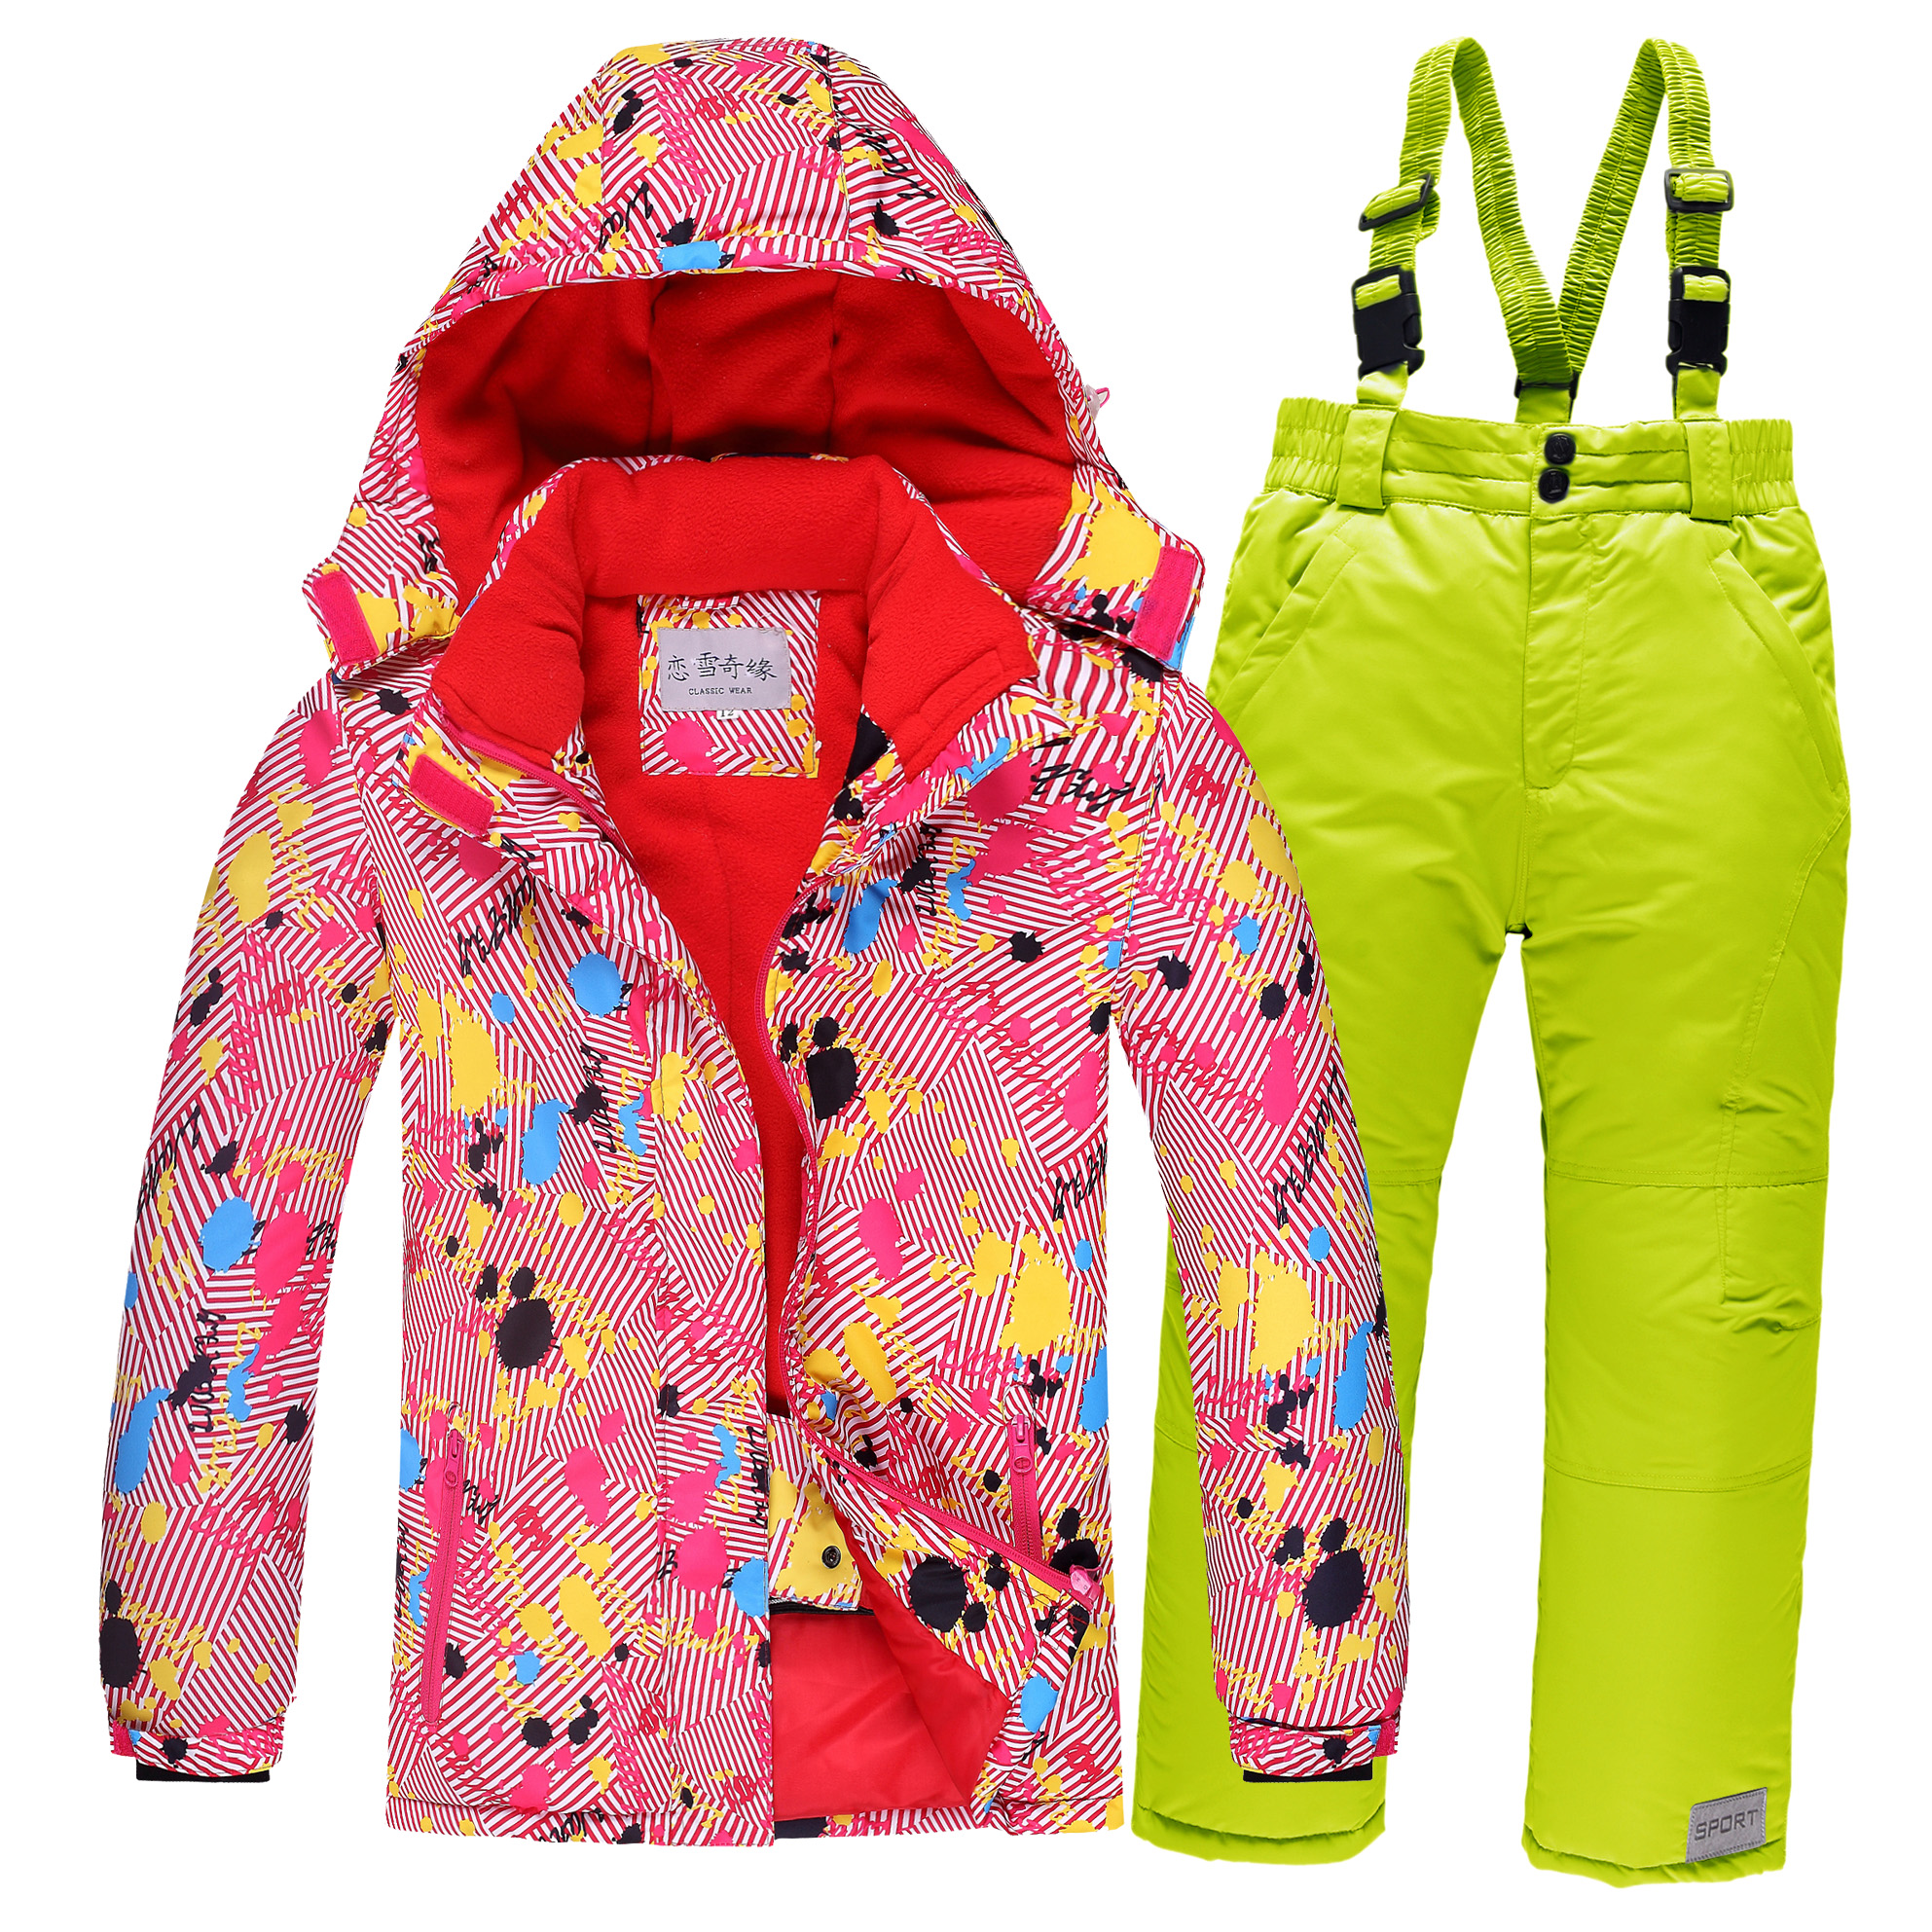 OLEKID 30 Degree Russia Winter Children Girls Sport Suit Waterproof Warm Boys Jacket And Overalls Snowsuit 3 16 Years Ski Suit